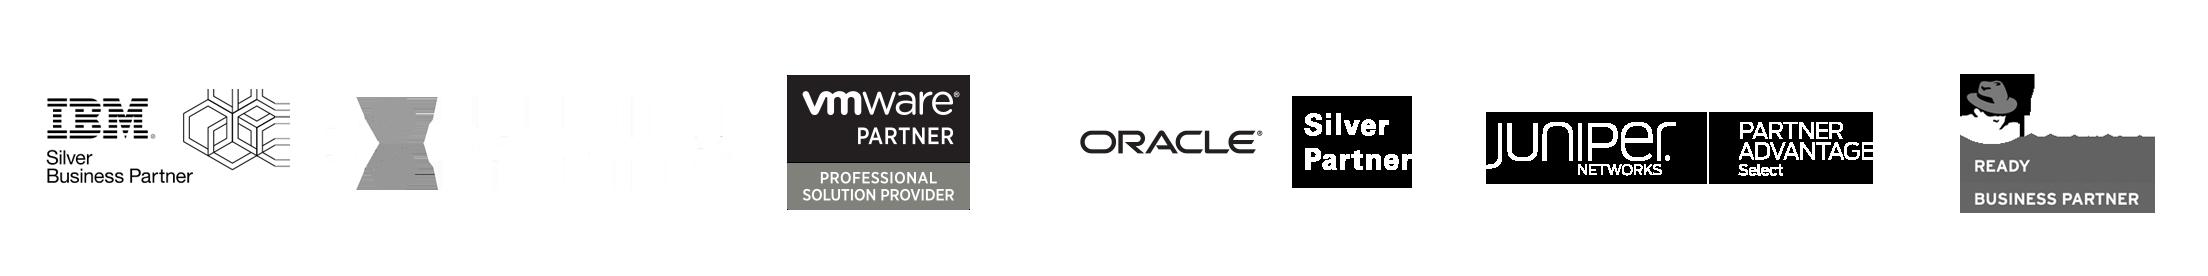 ne Digital Partner Logos